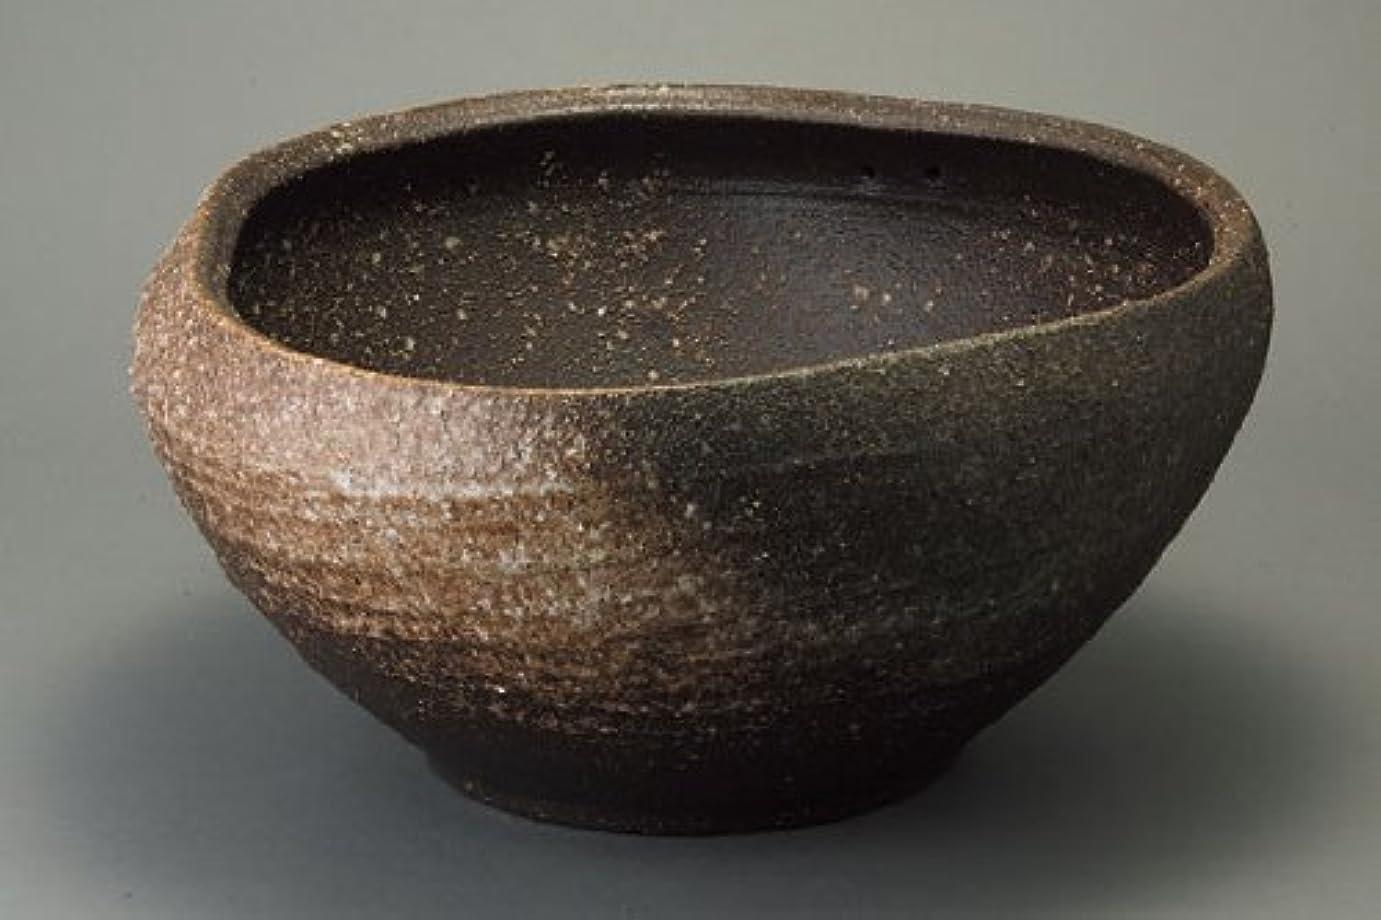 サーバ銅水っぽい窯変めだか鉢 小 信楽焼 睡蓮鉢 めだか鉢 水鉢 陶器